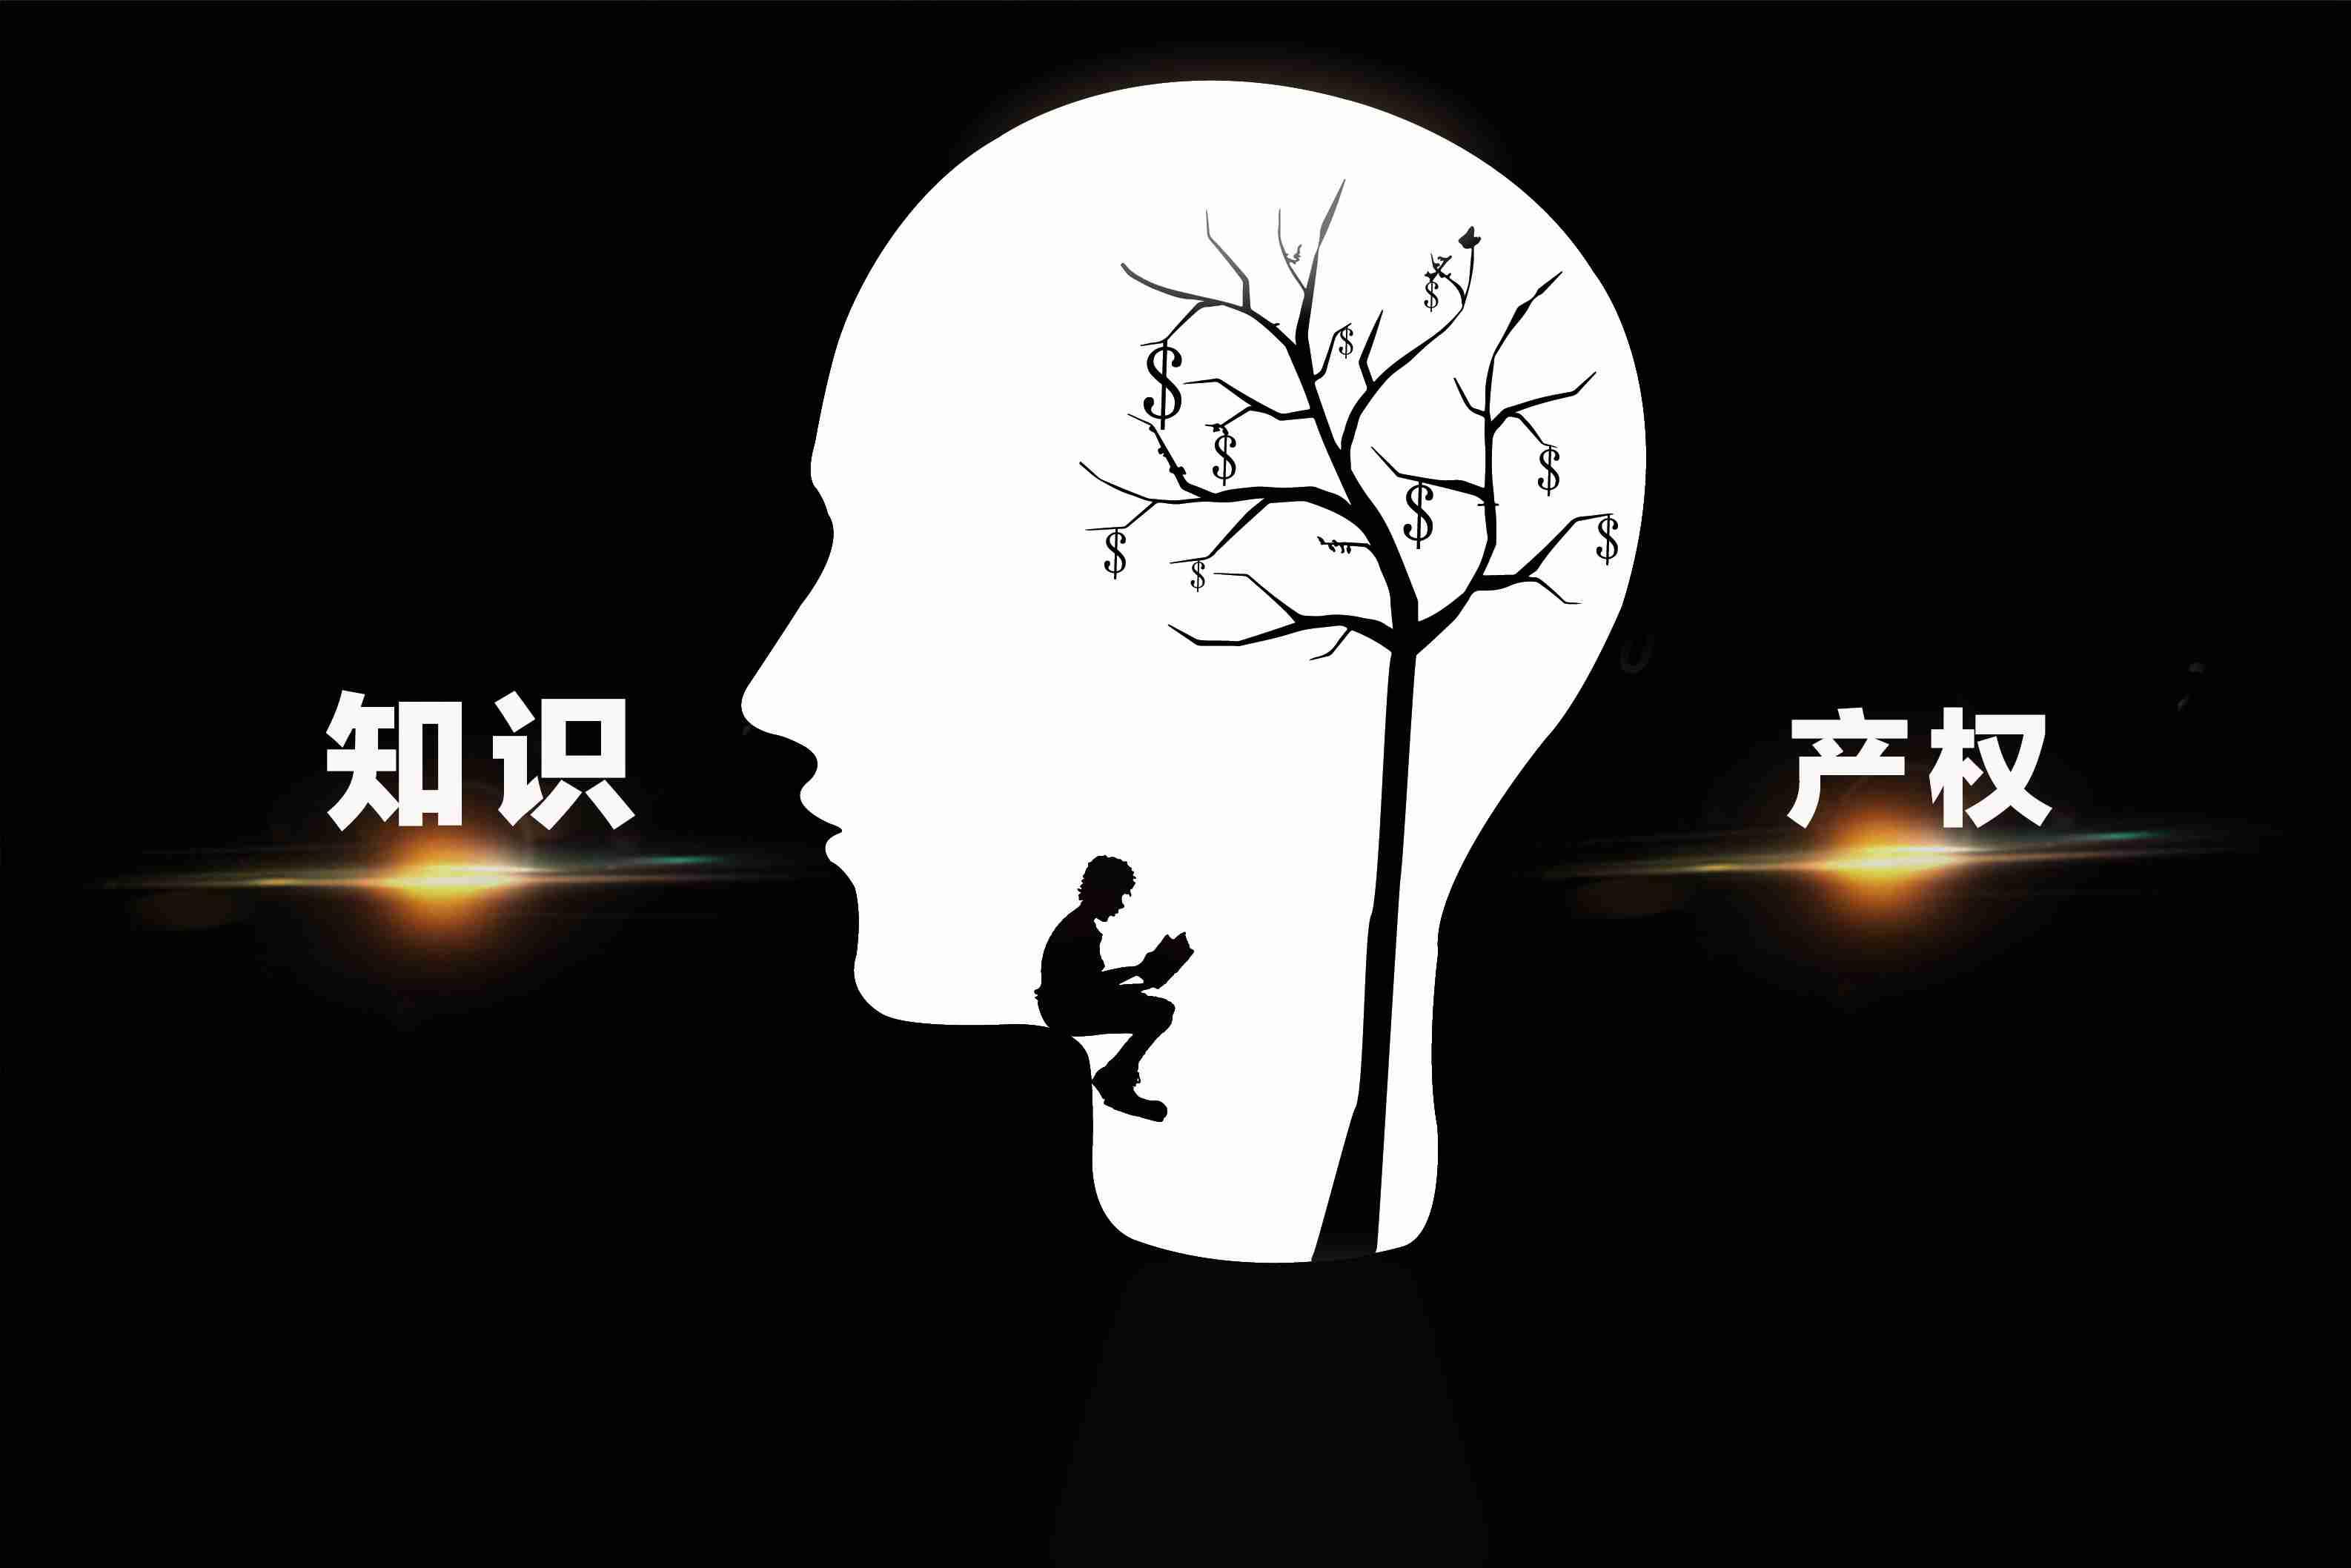 深圳十大知识产权律师事务所有哪些?